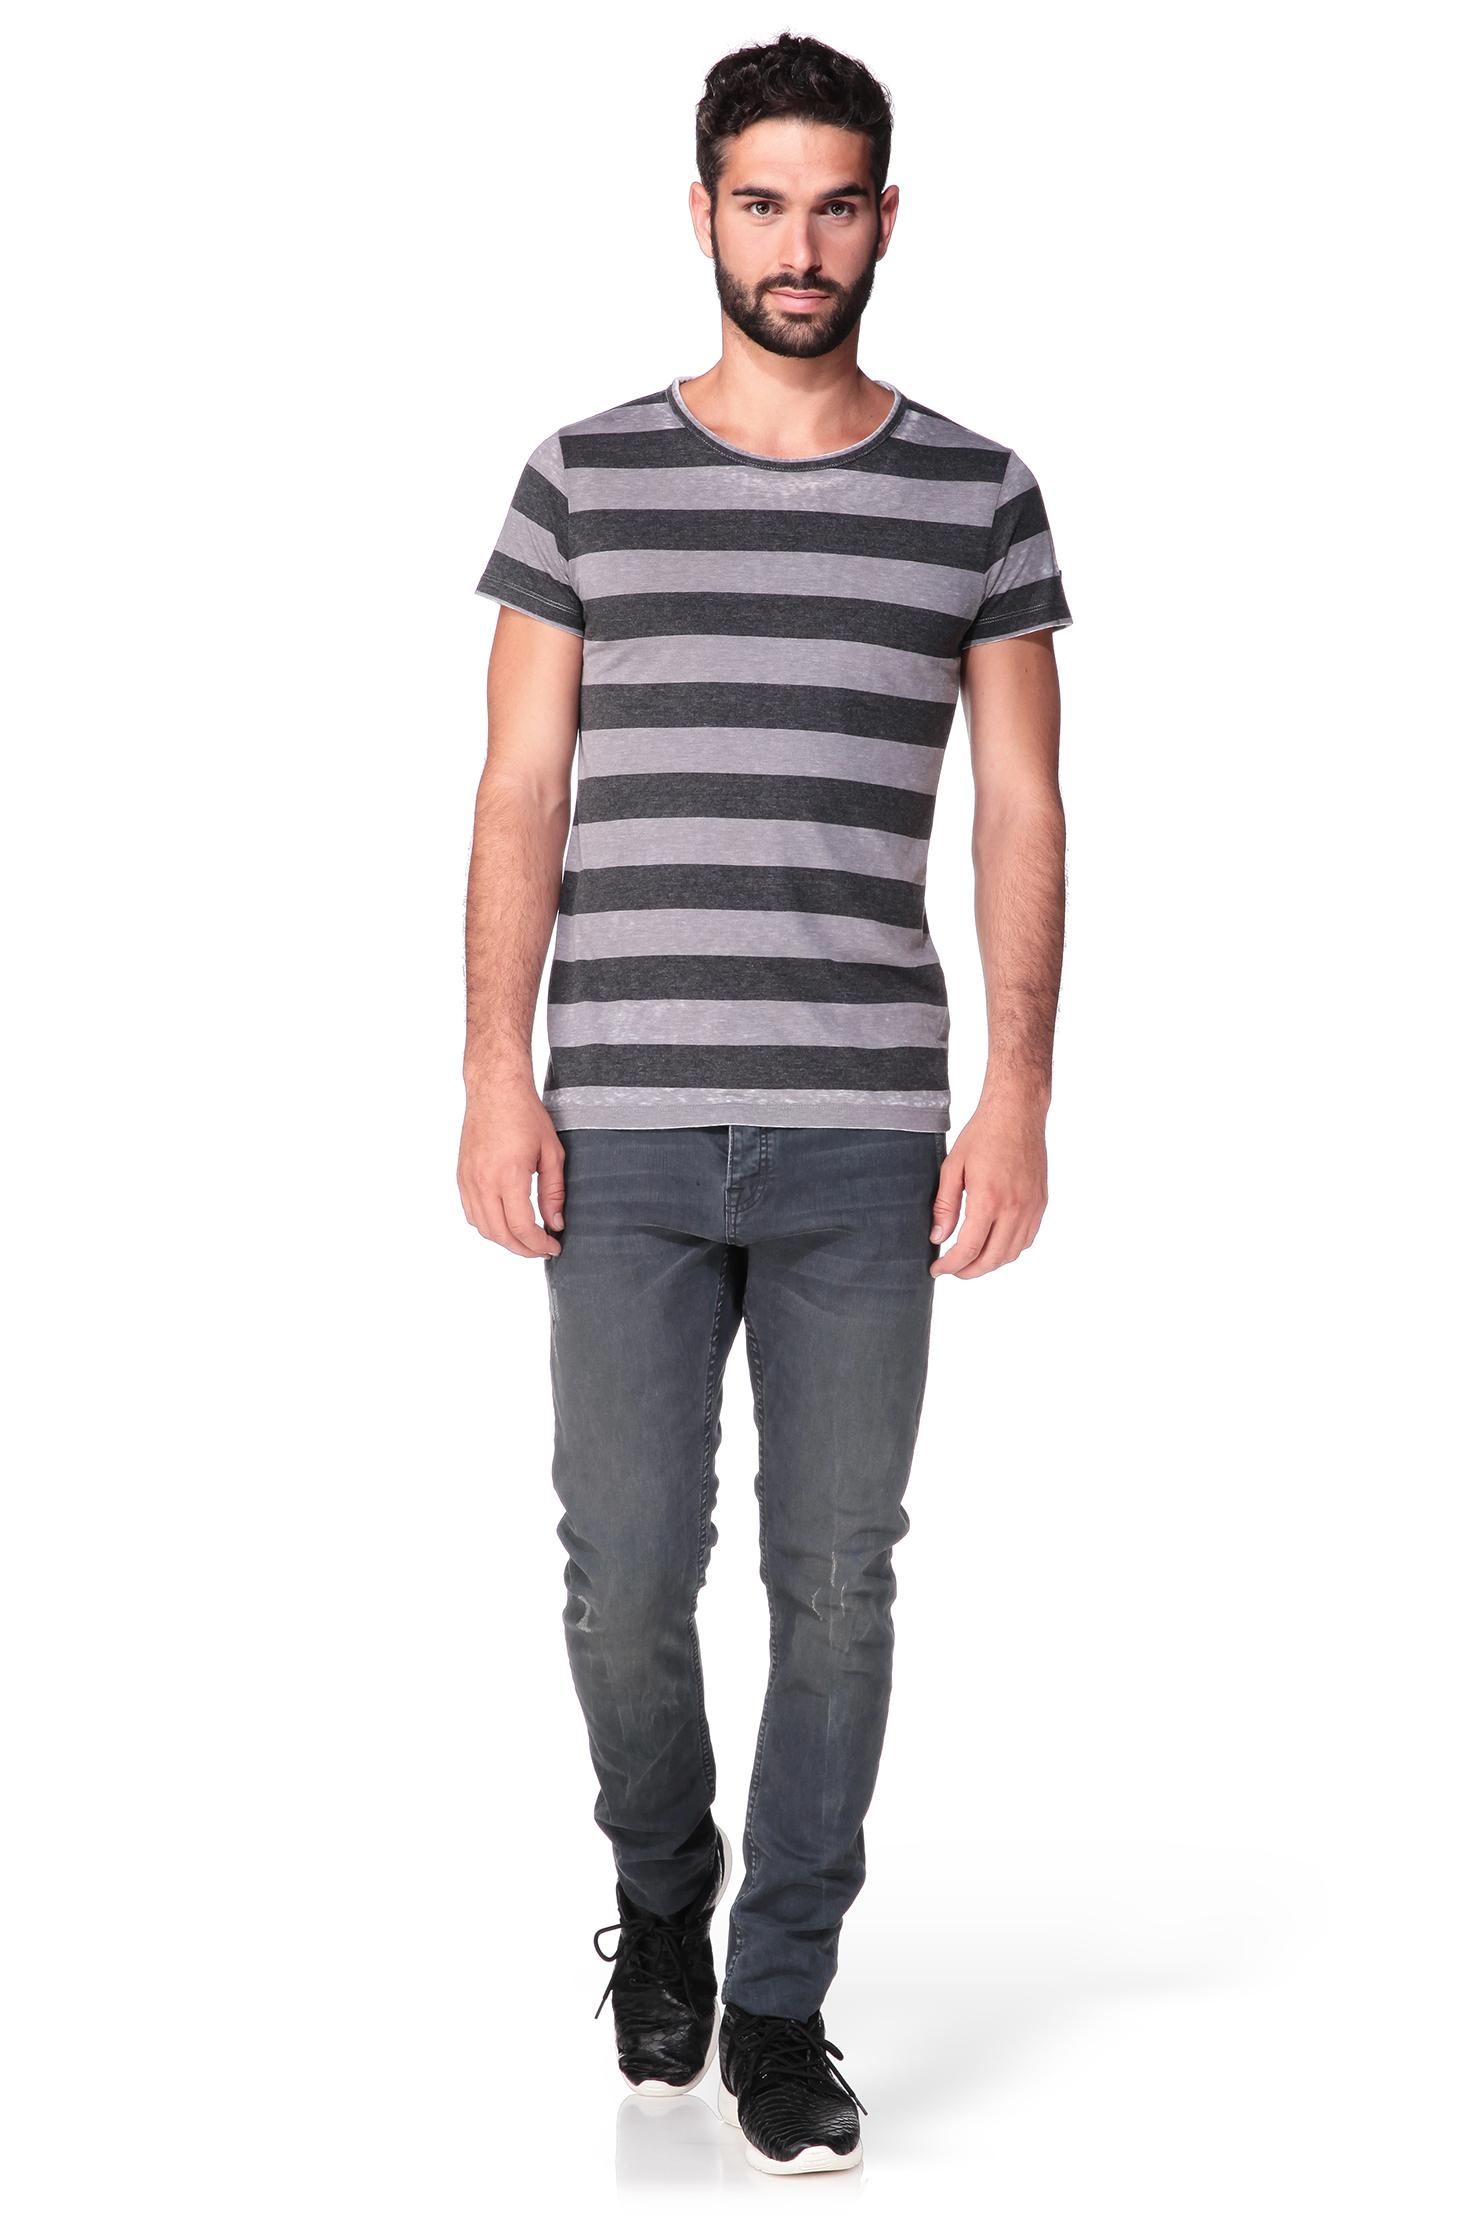 esprit short sleeve t shirt in gray for men lyst. Black Bedroom Furniture Sets. Home Design Ideas